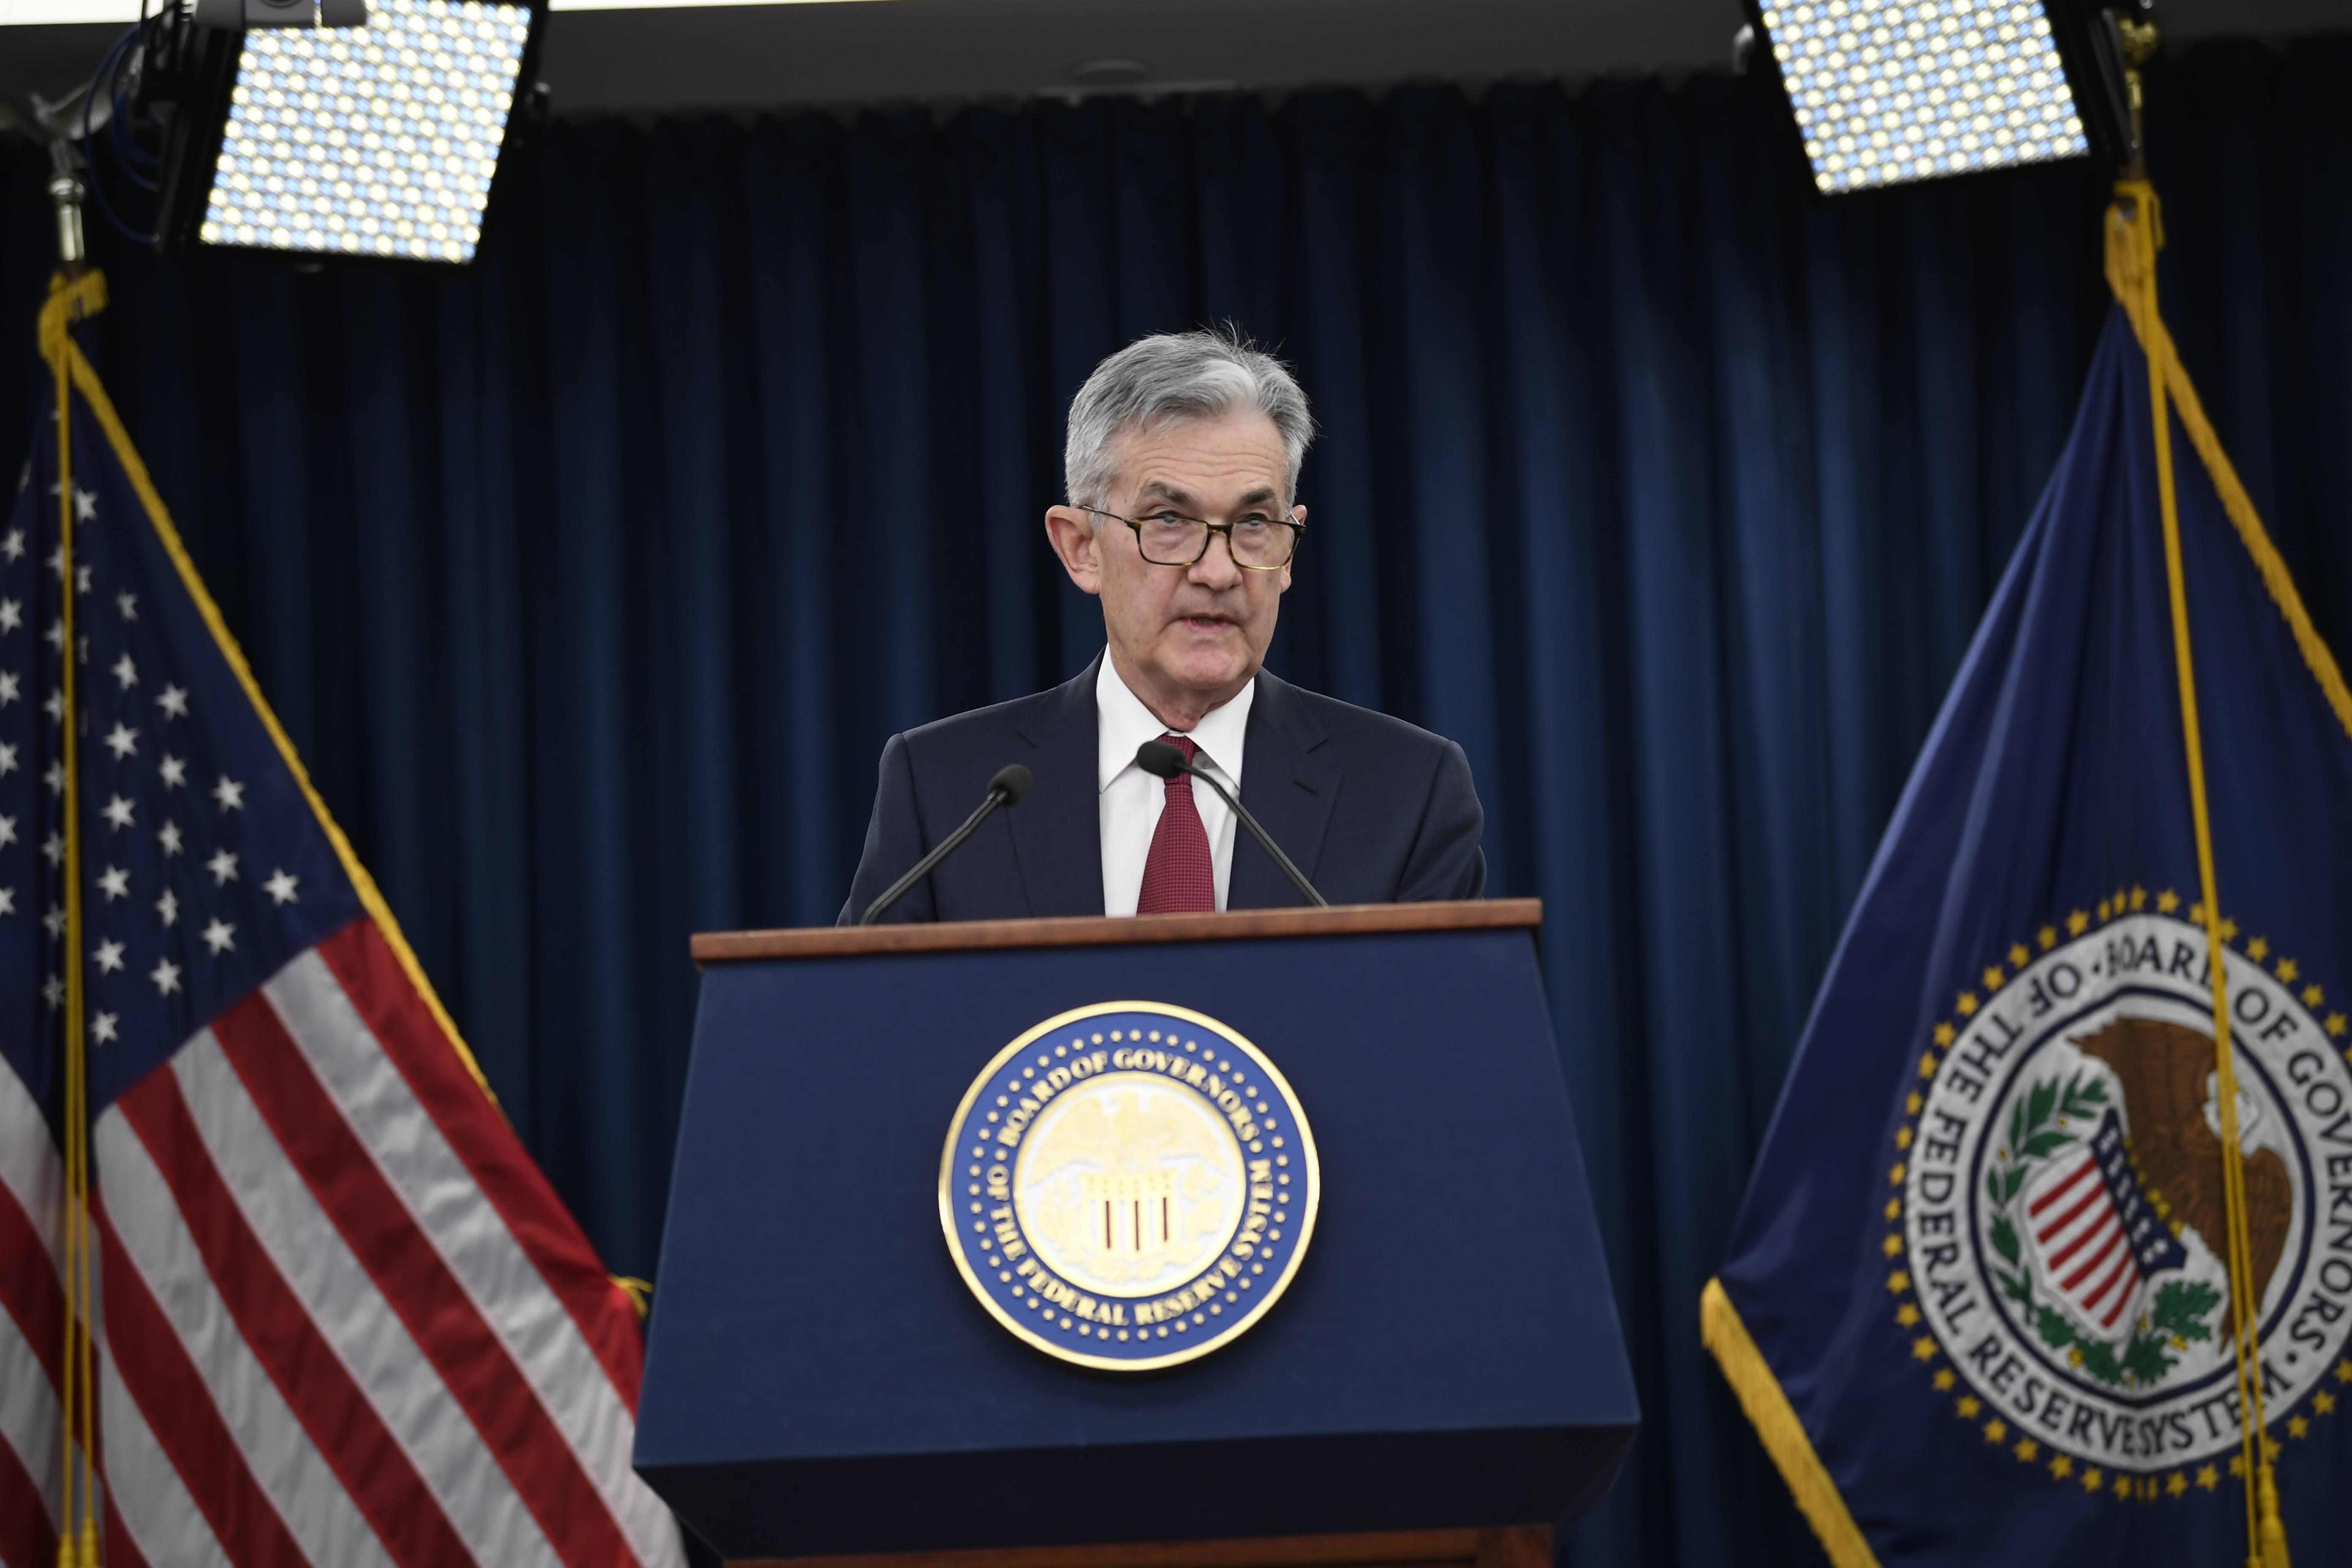 """著名经济学家宋清辉在接受扬子晚报记者采访时说,预计全球降息潮很快会到来。由于我国目前的利率水平是合适的,可以说接近""""黄金水平"""",我国央行可能不会立即跟进。"""